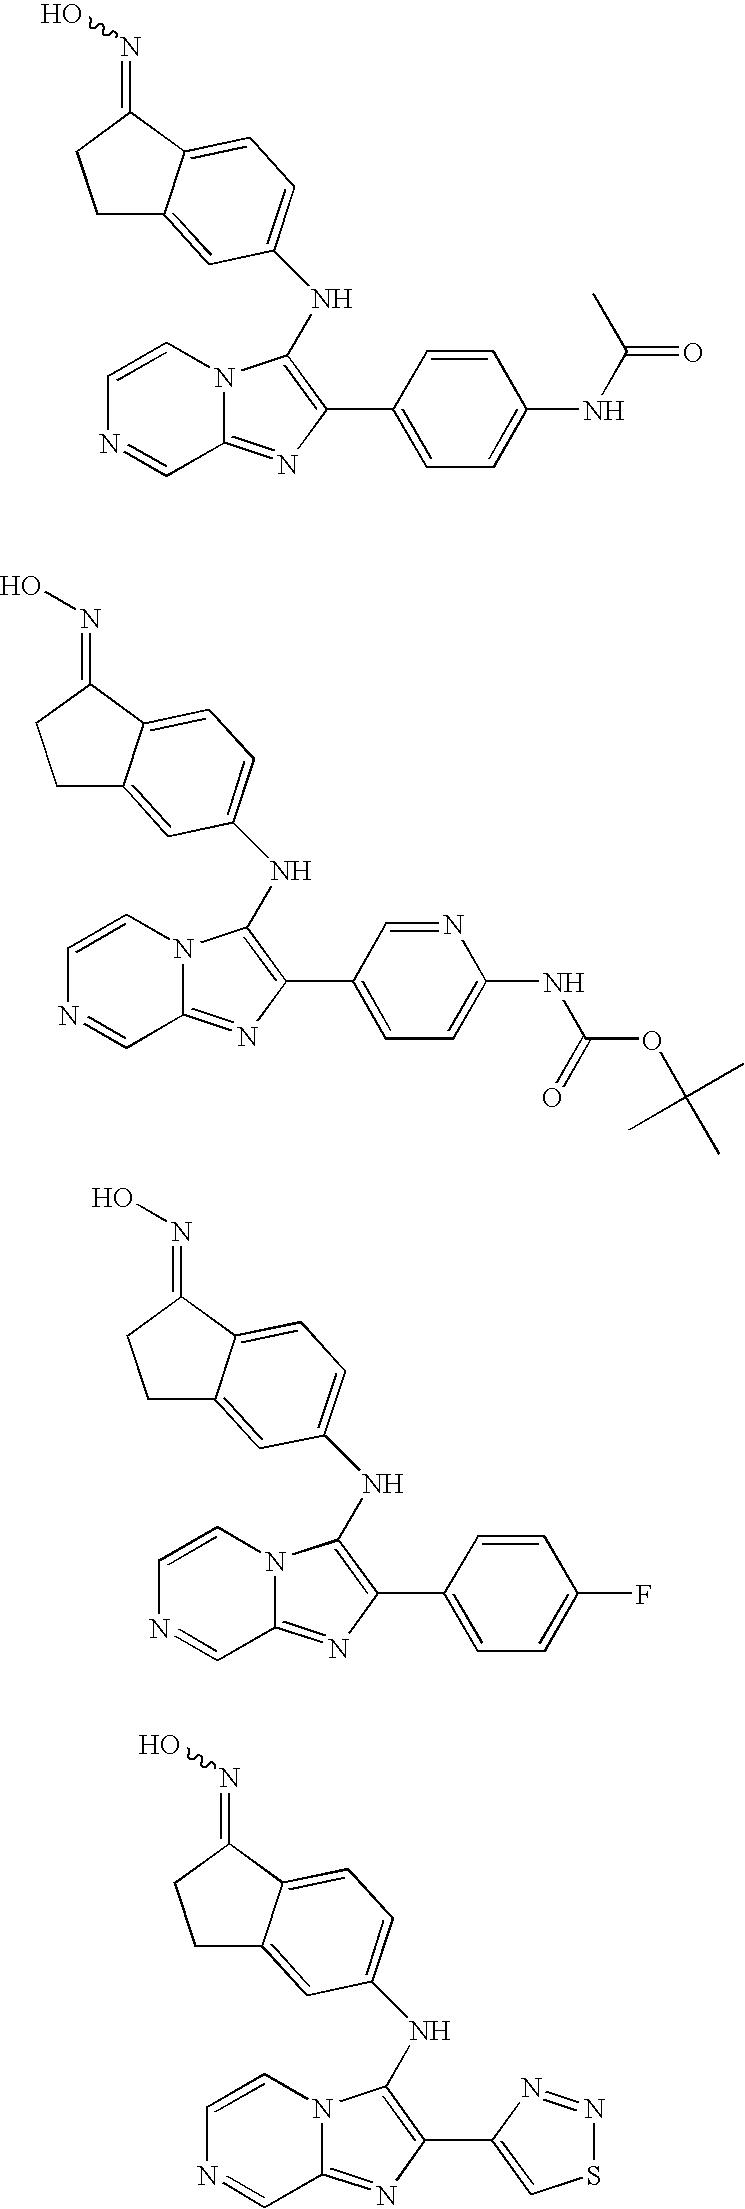 Figure US07566716-20090728-C00147